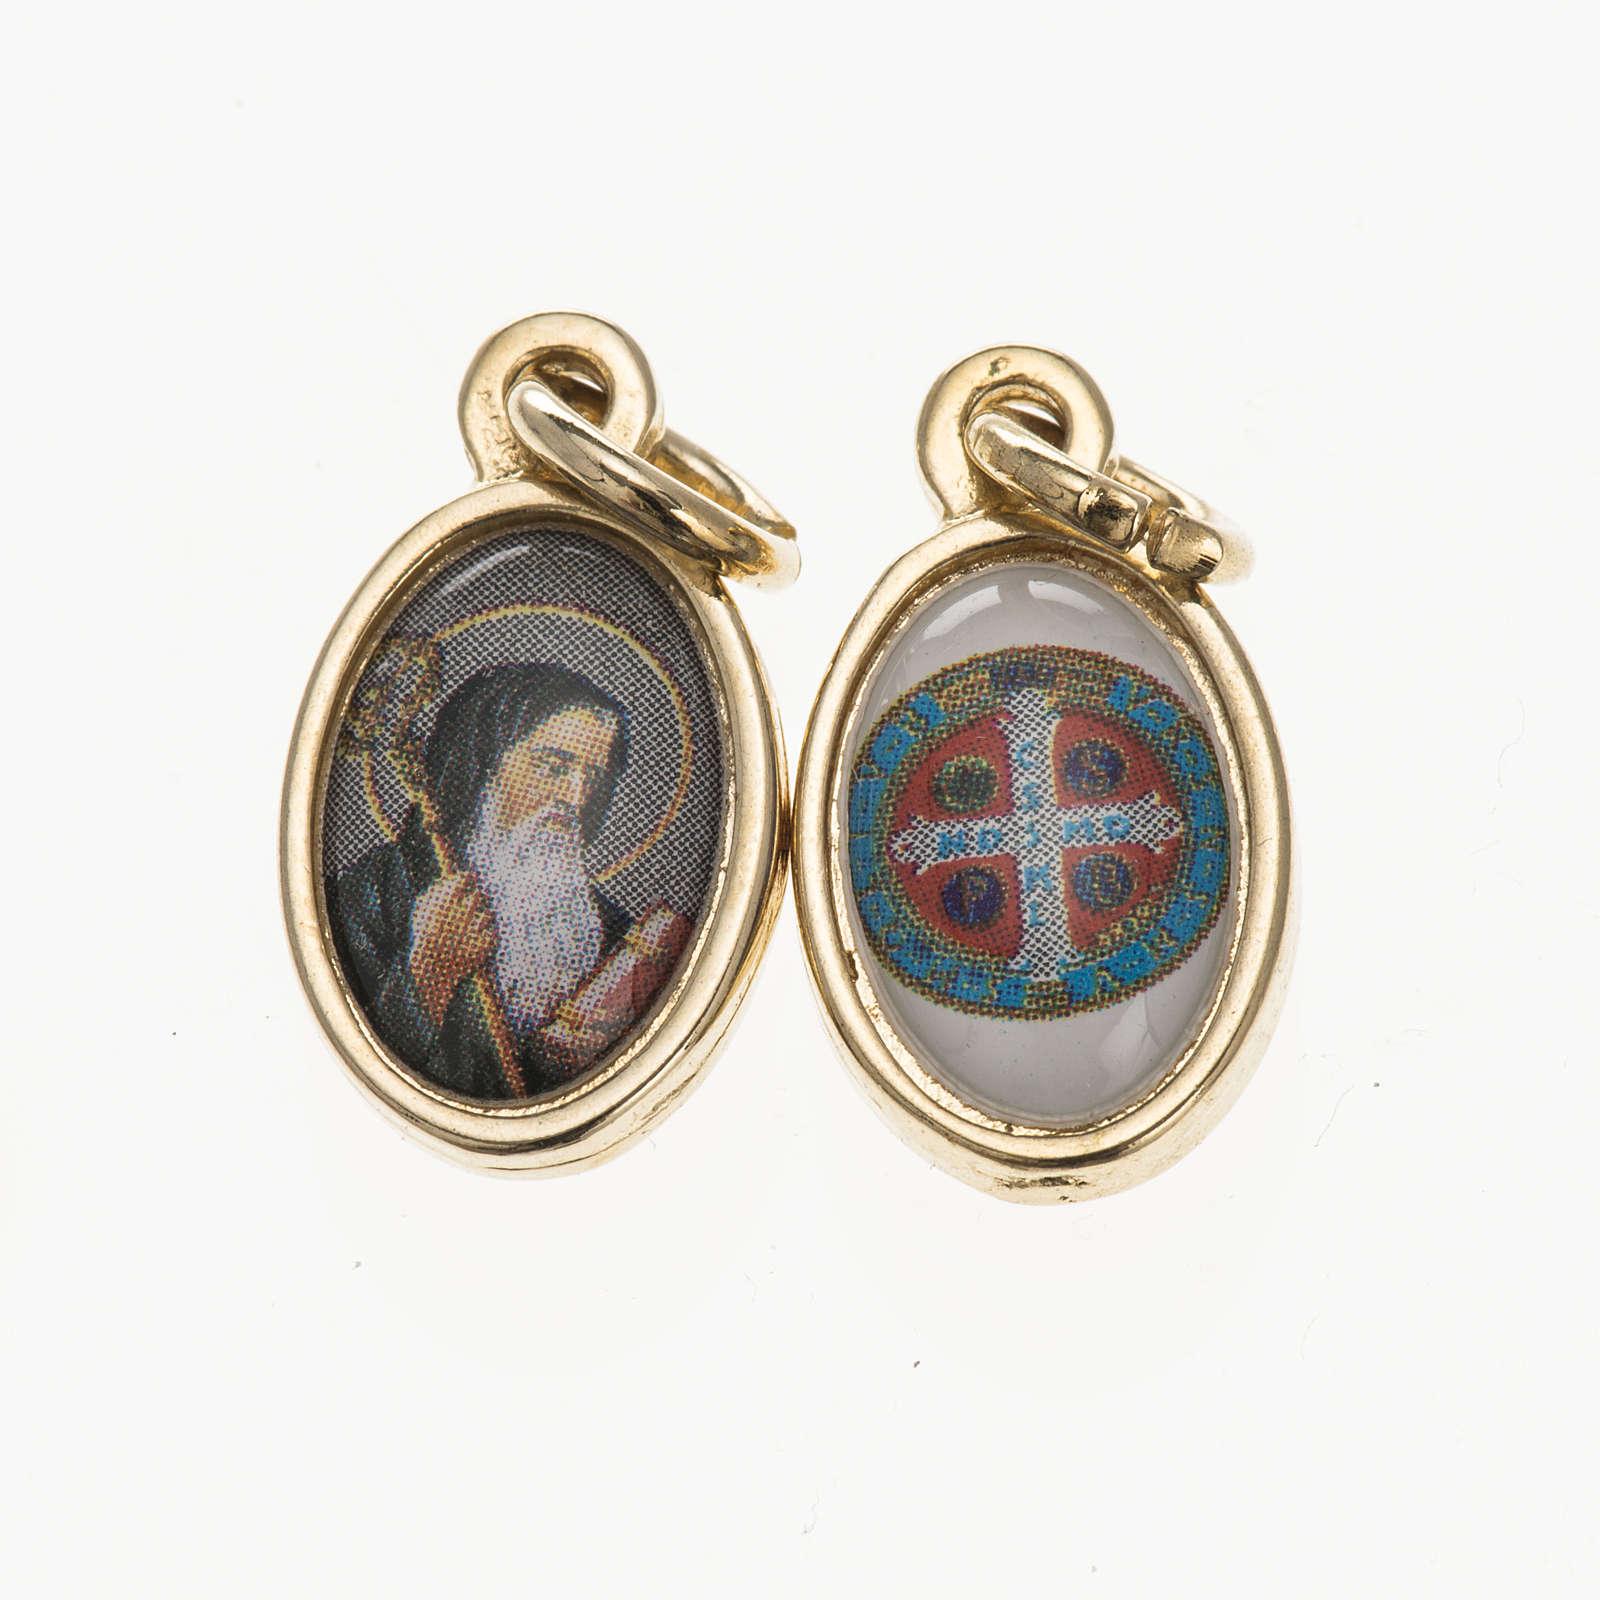 Medaglia doppia San Benedetto e croce - metallo dorato resina 4